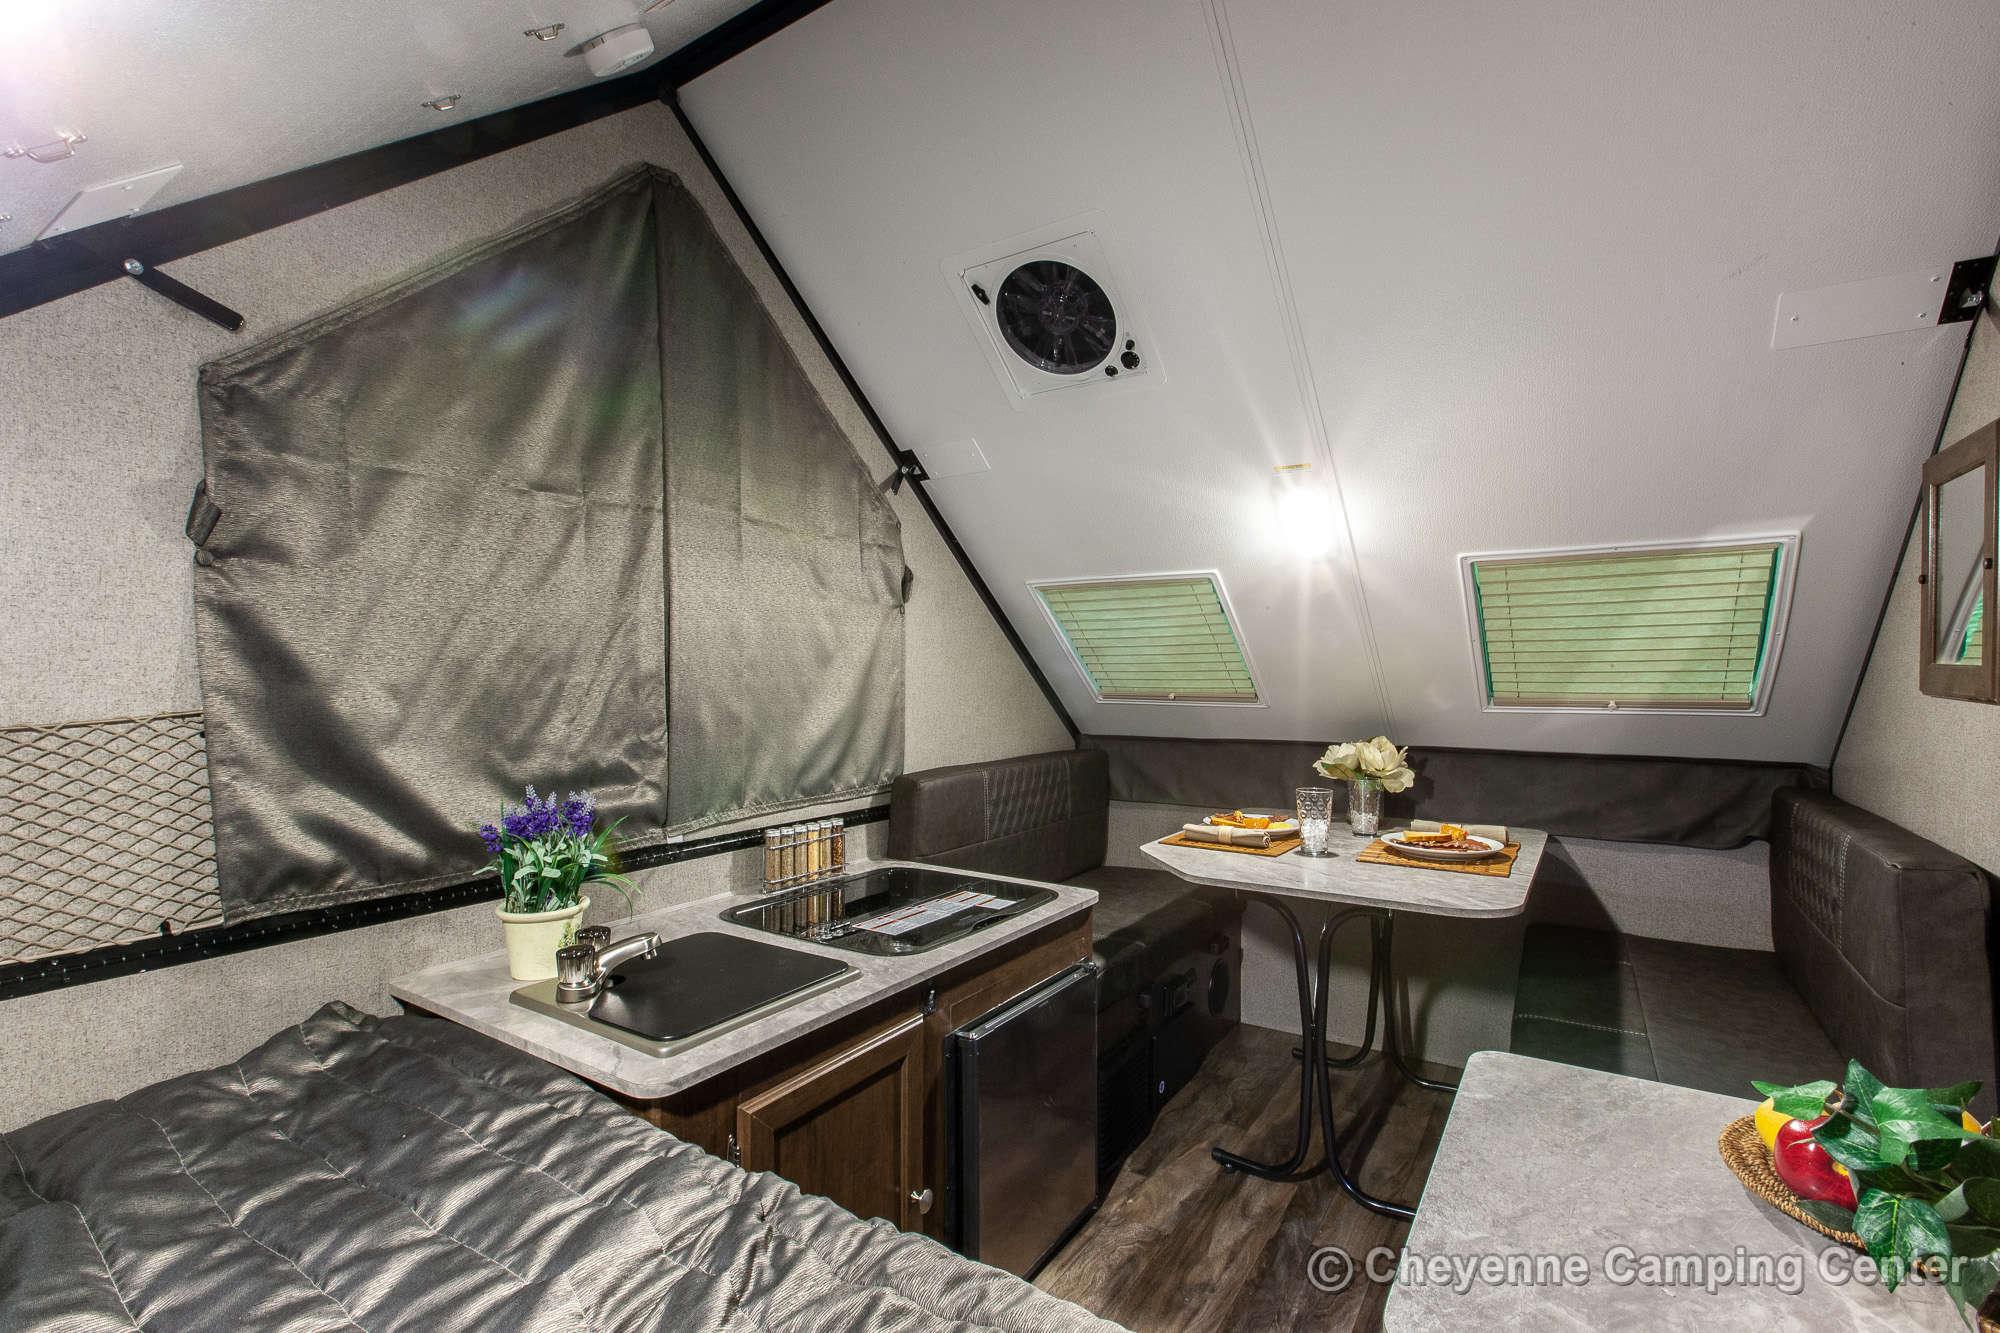 2021 Forest River Flagstaff Hard Side T12RBTH Toy Hauler Folding Camper Interior Image